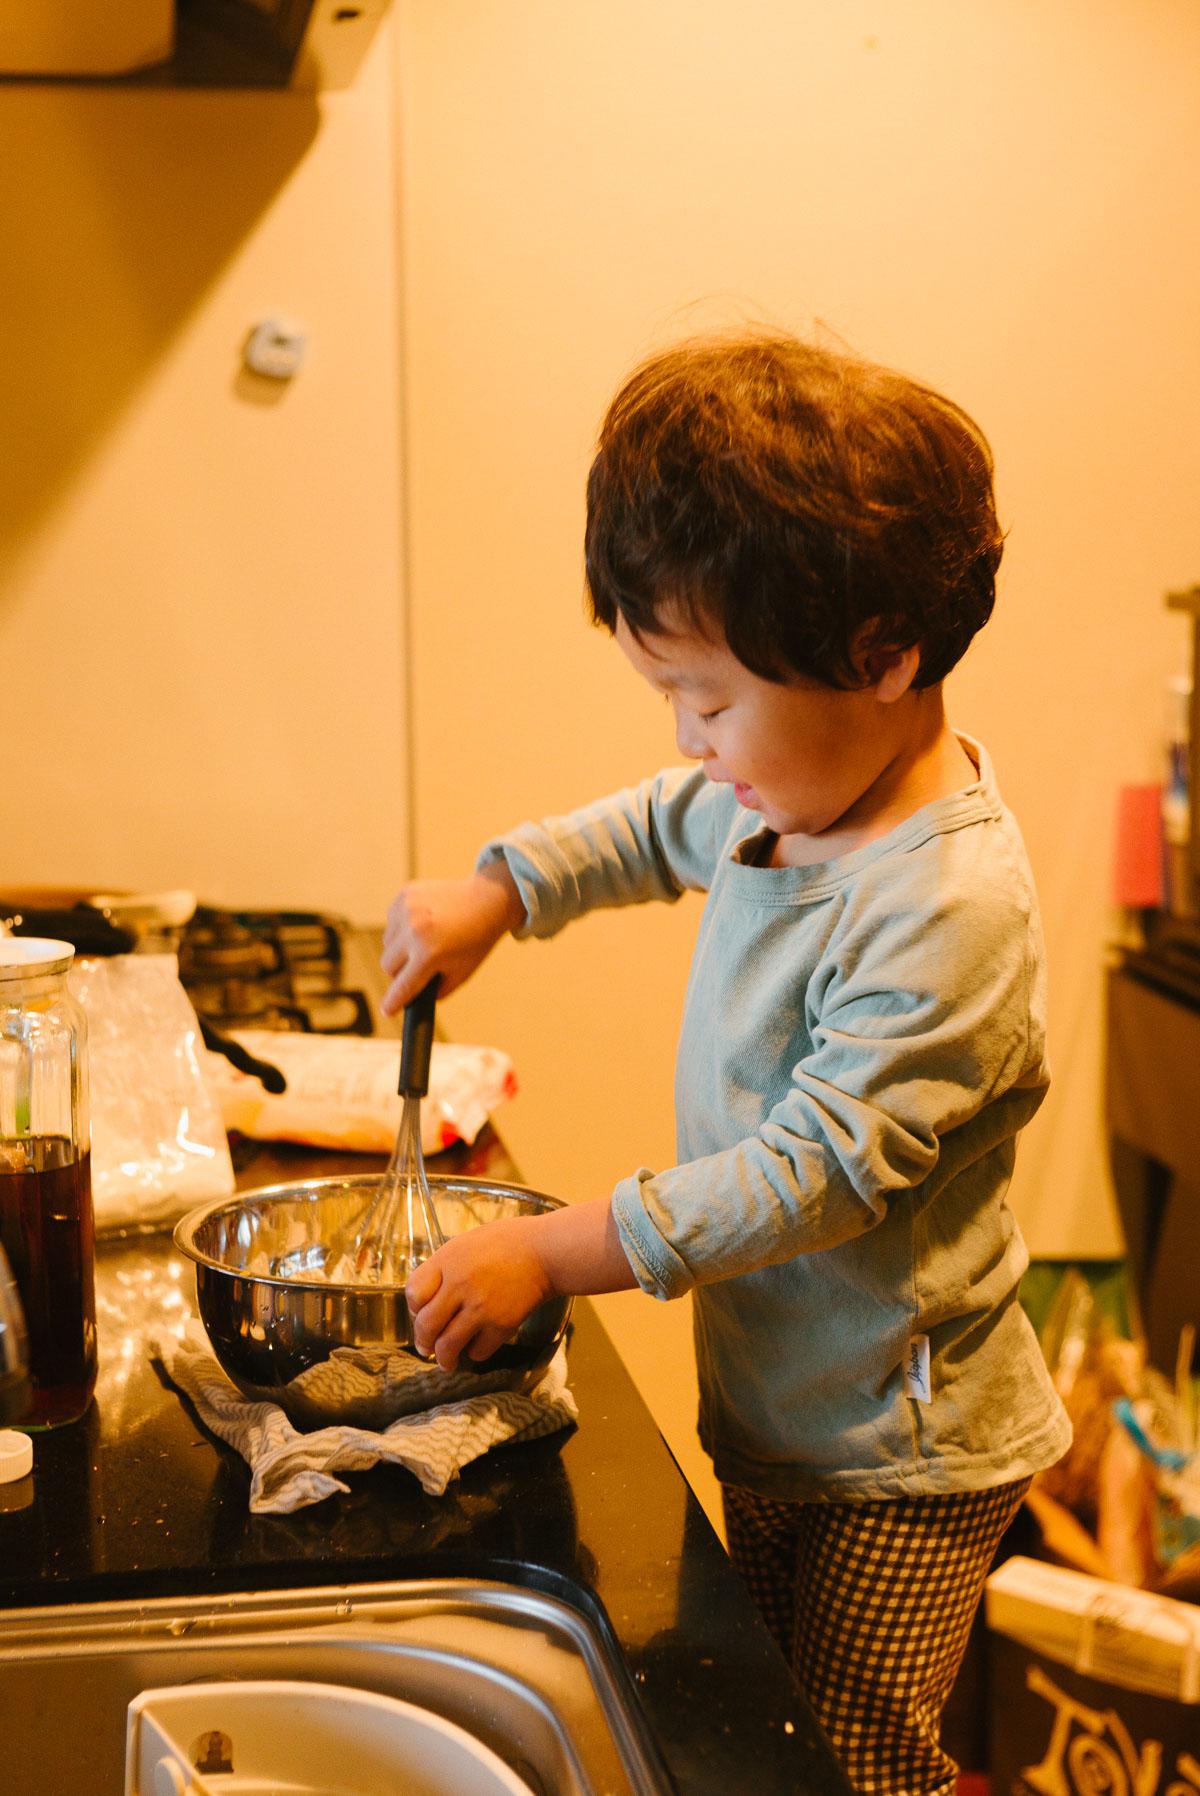 ホットケーキを作る